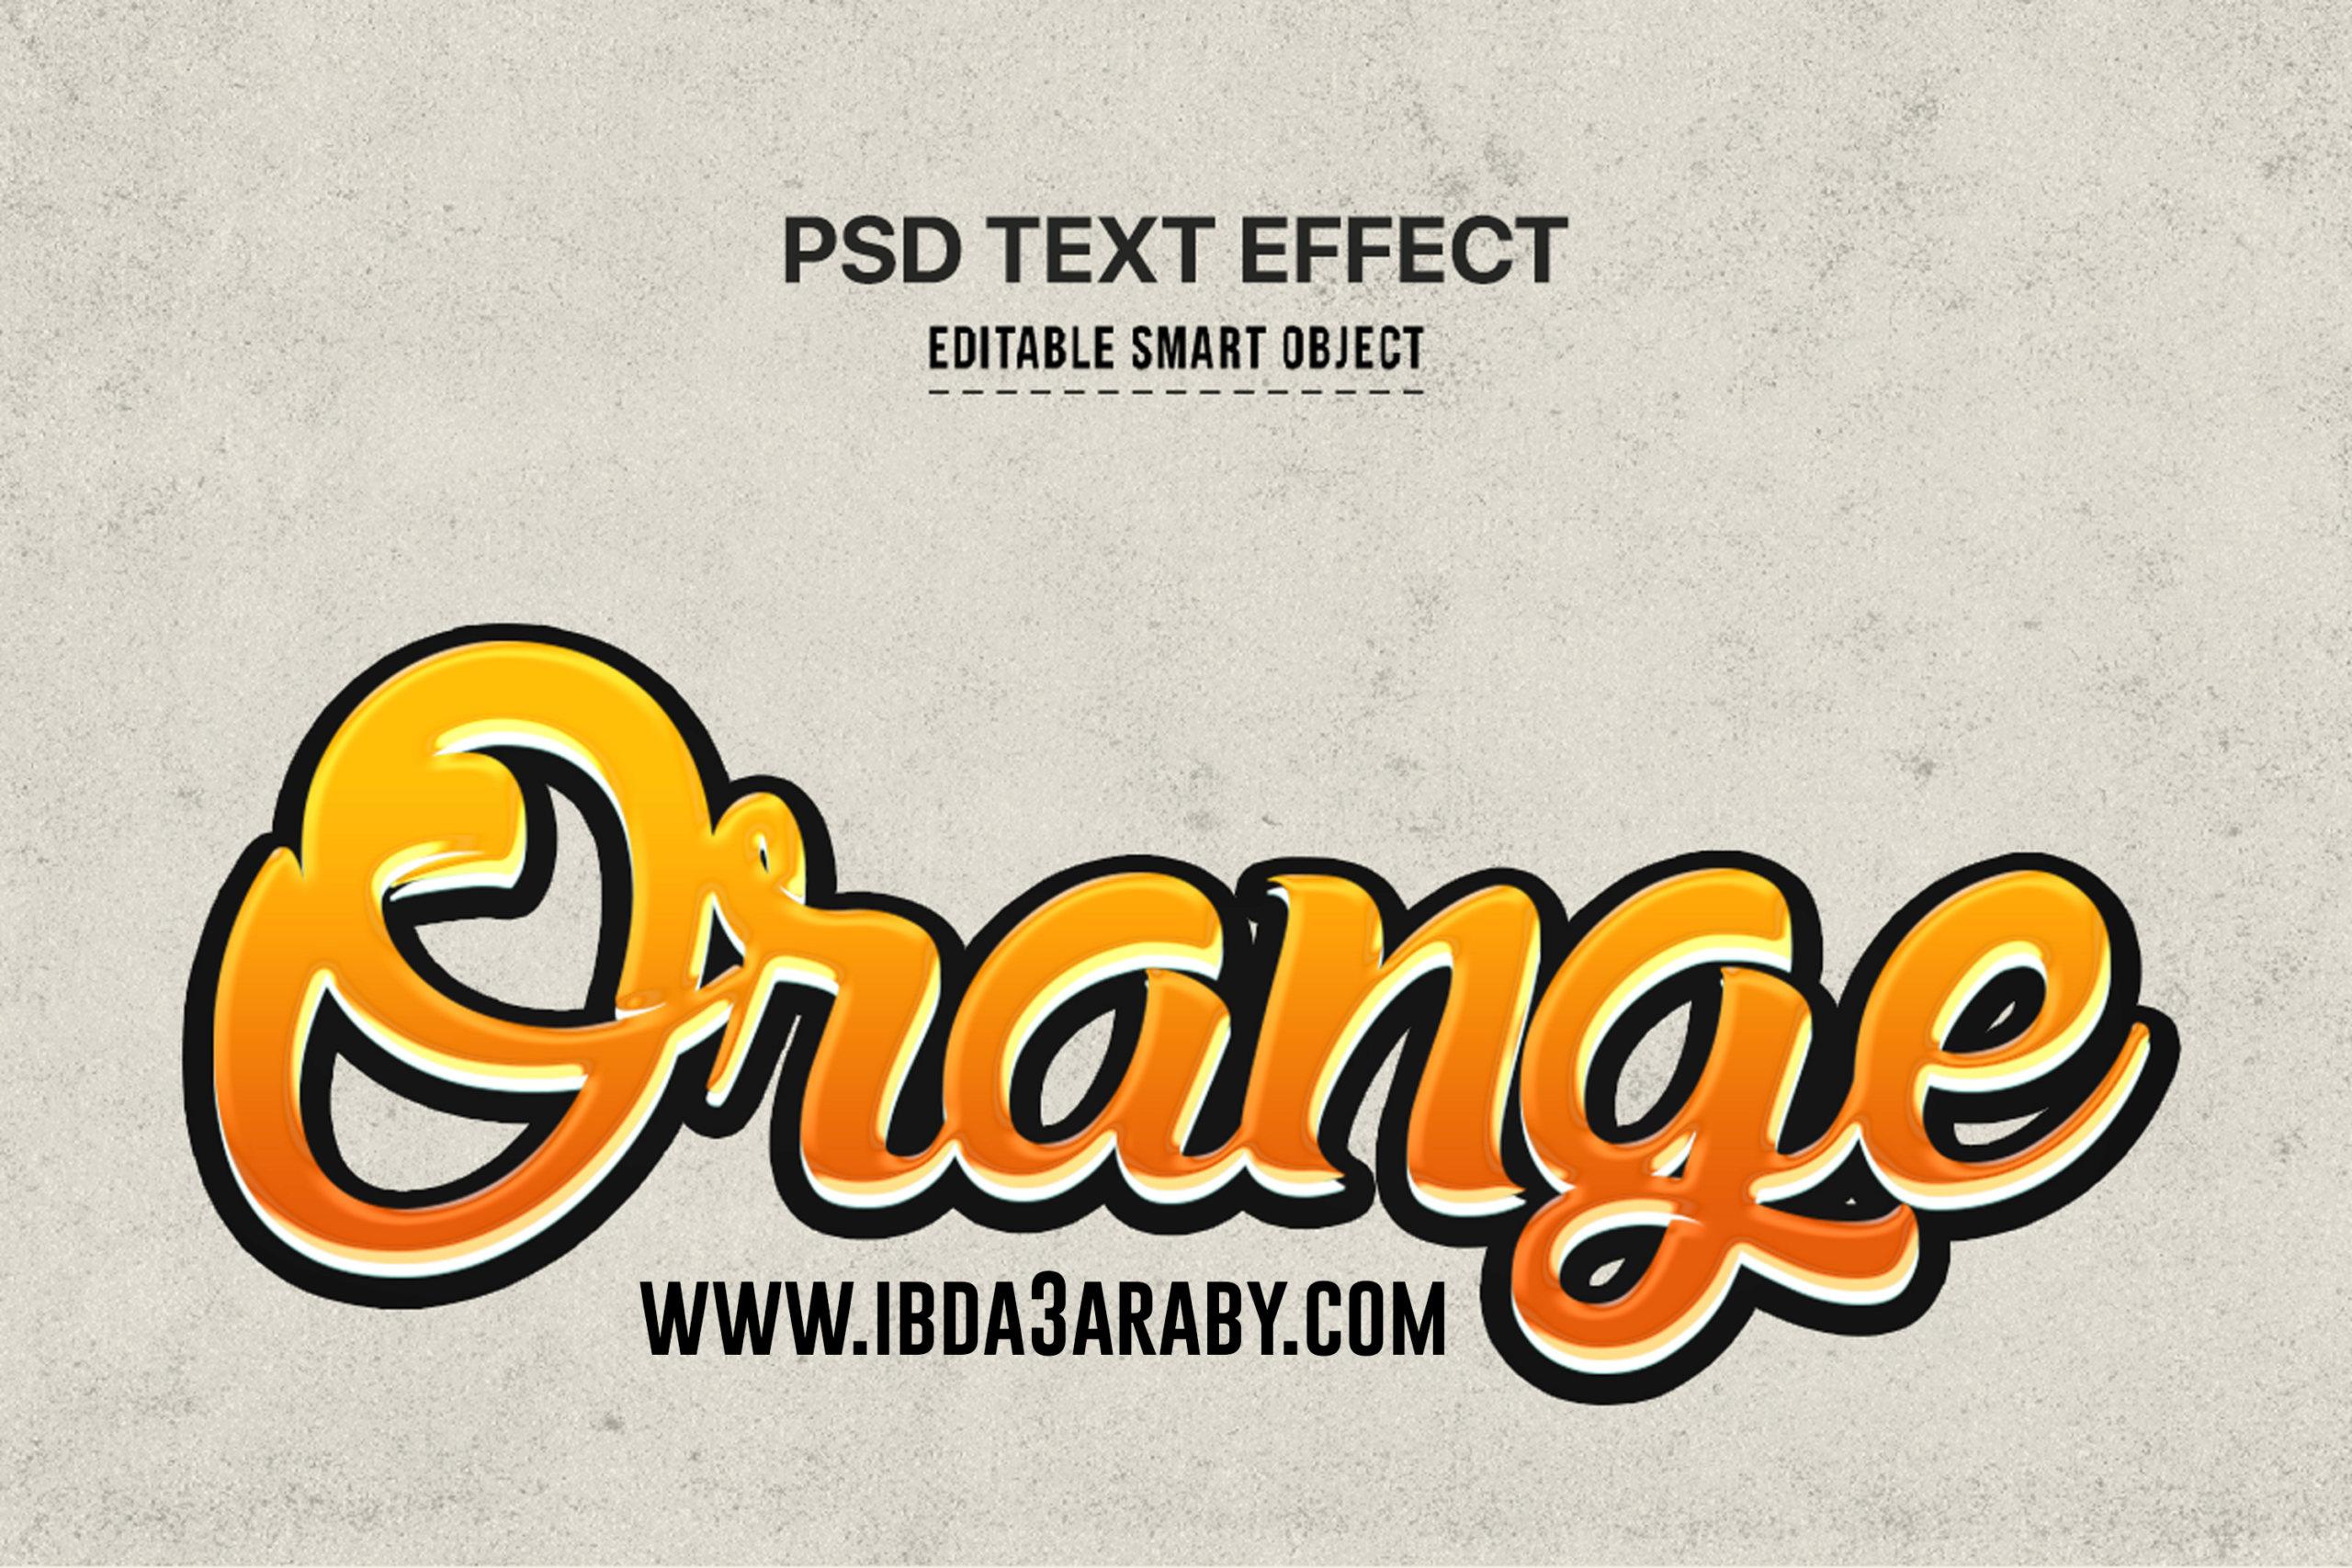 تاثير النص البرتقالي TEXT Effects 510